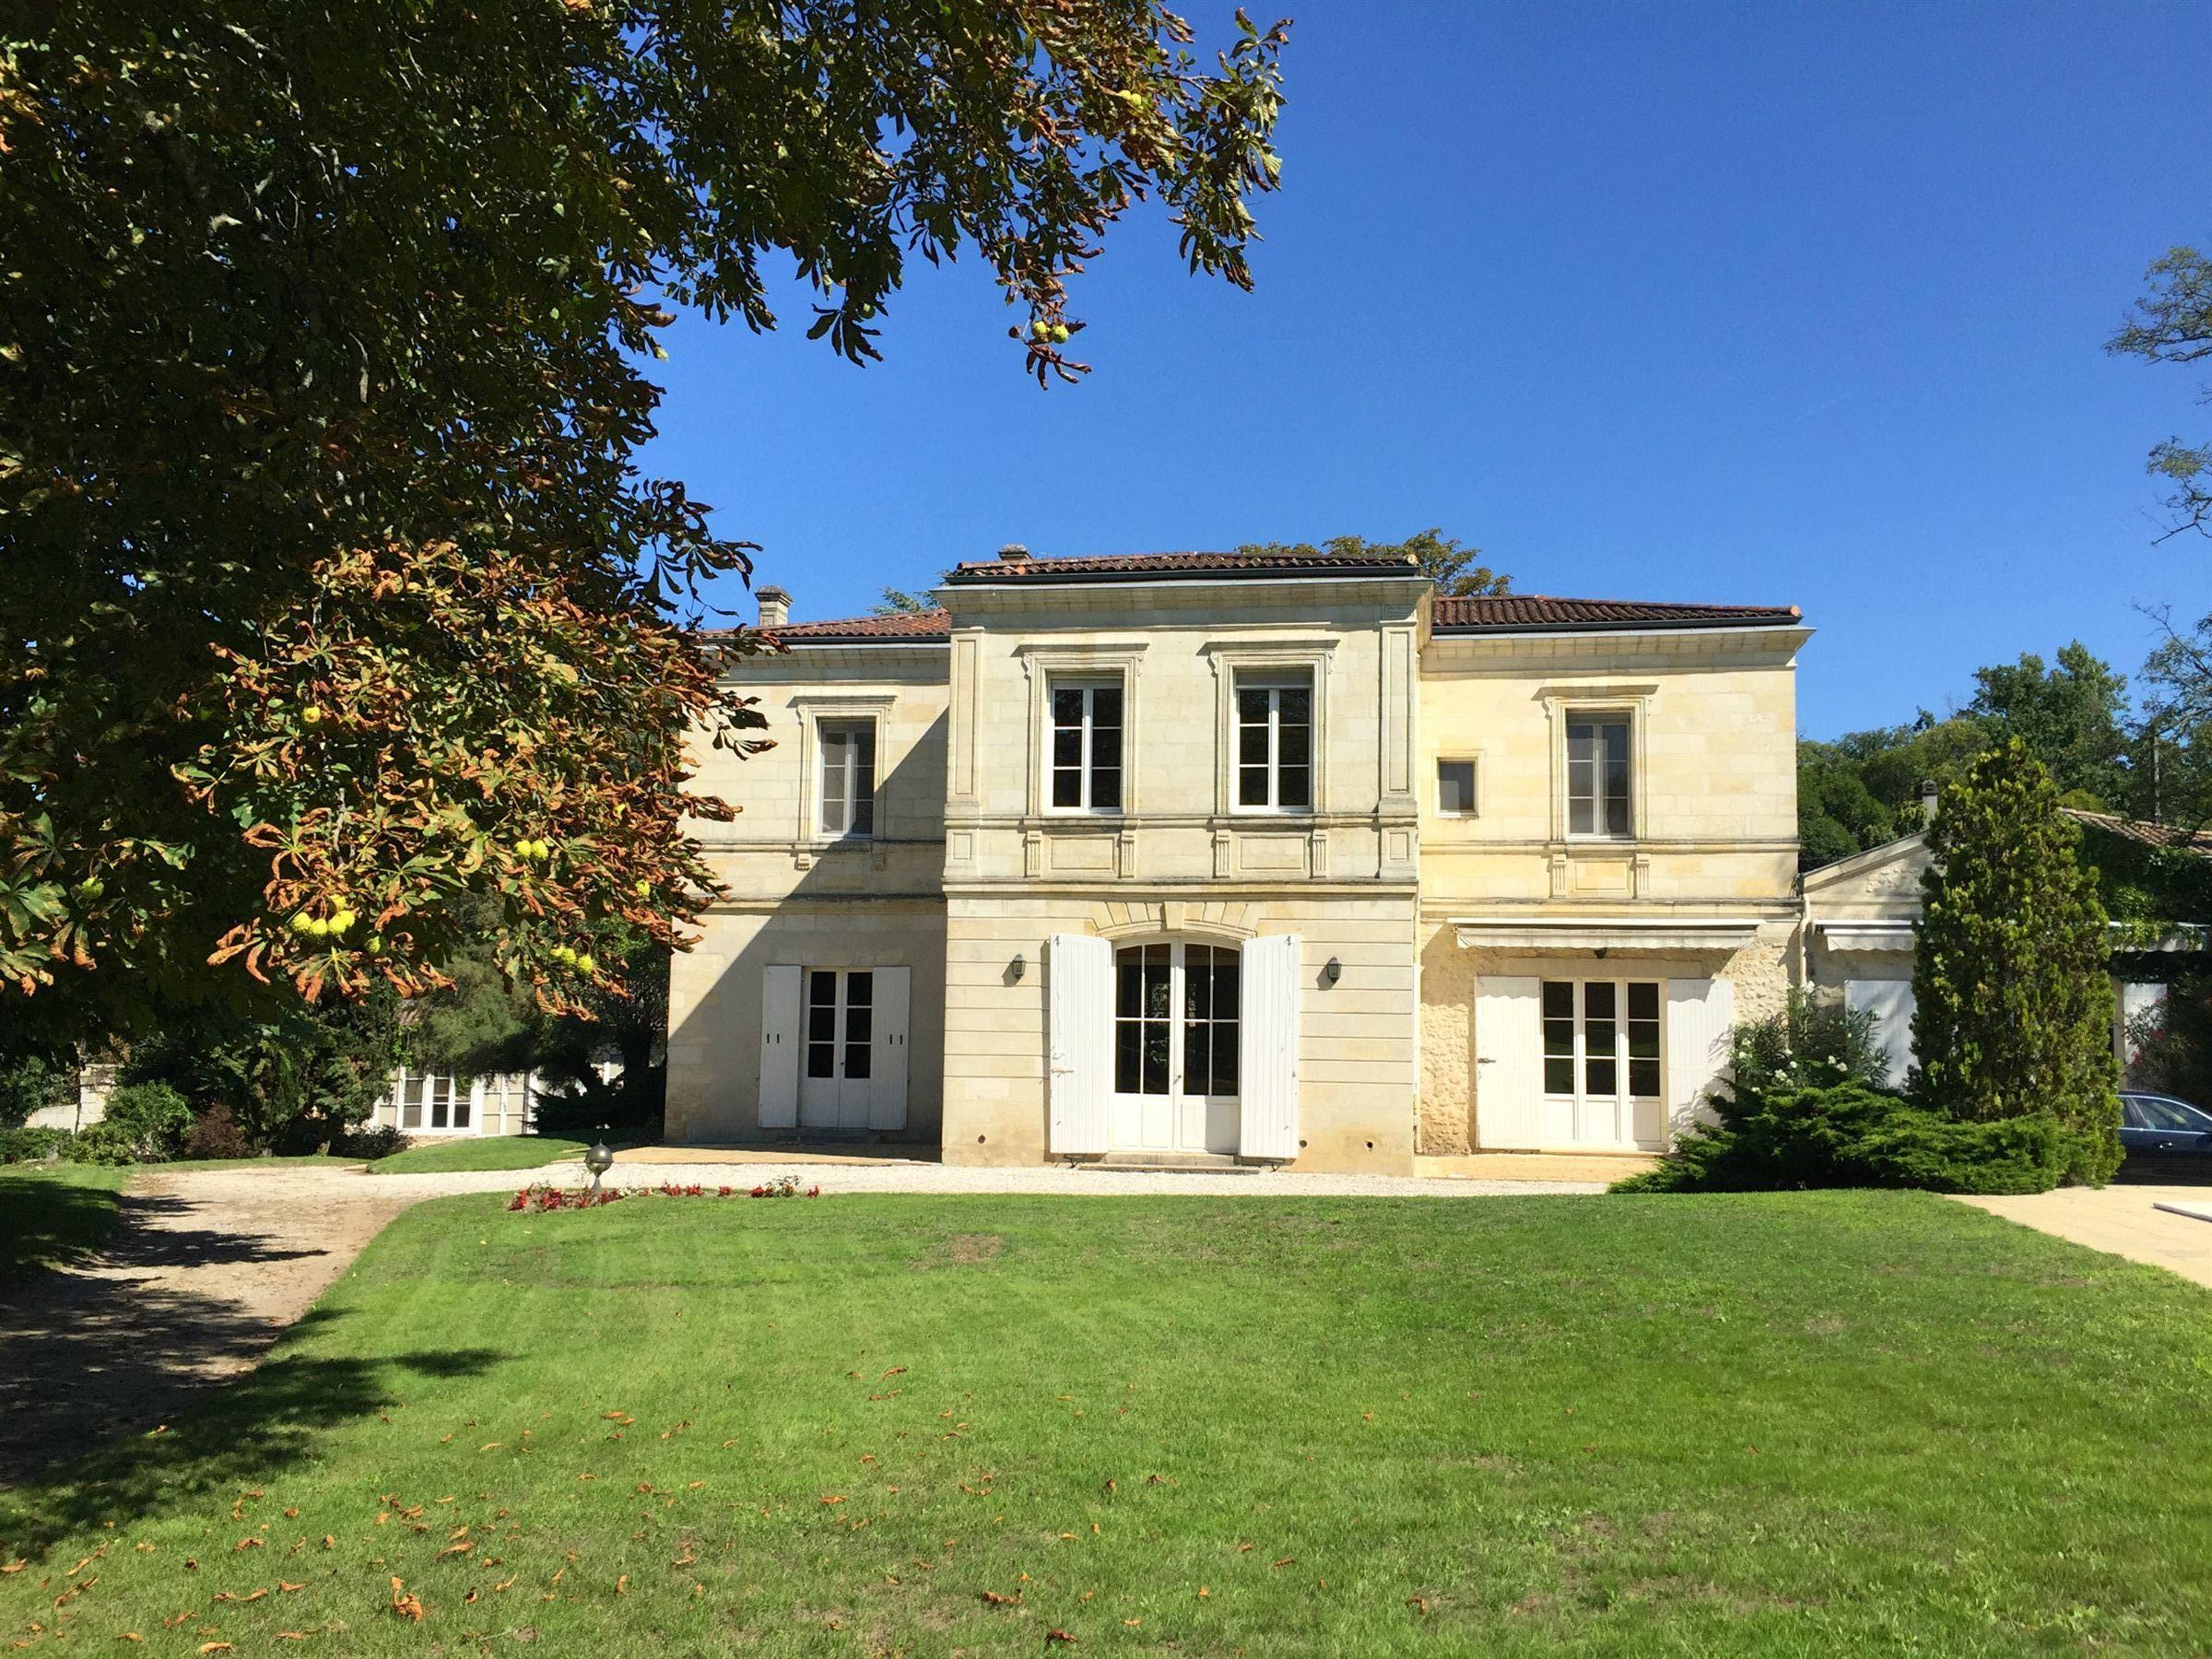 단독 가정 주택 용 매매 에 BORDEAUX RIGHT BANK – PANORAMIC VIEW OVER THE CITY Bordeaux, 아키텐주, 33000 프랑스